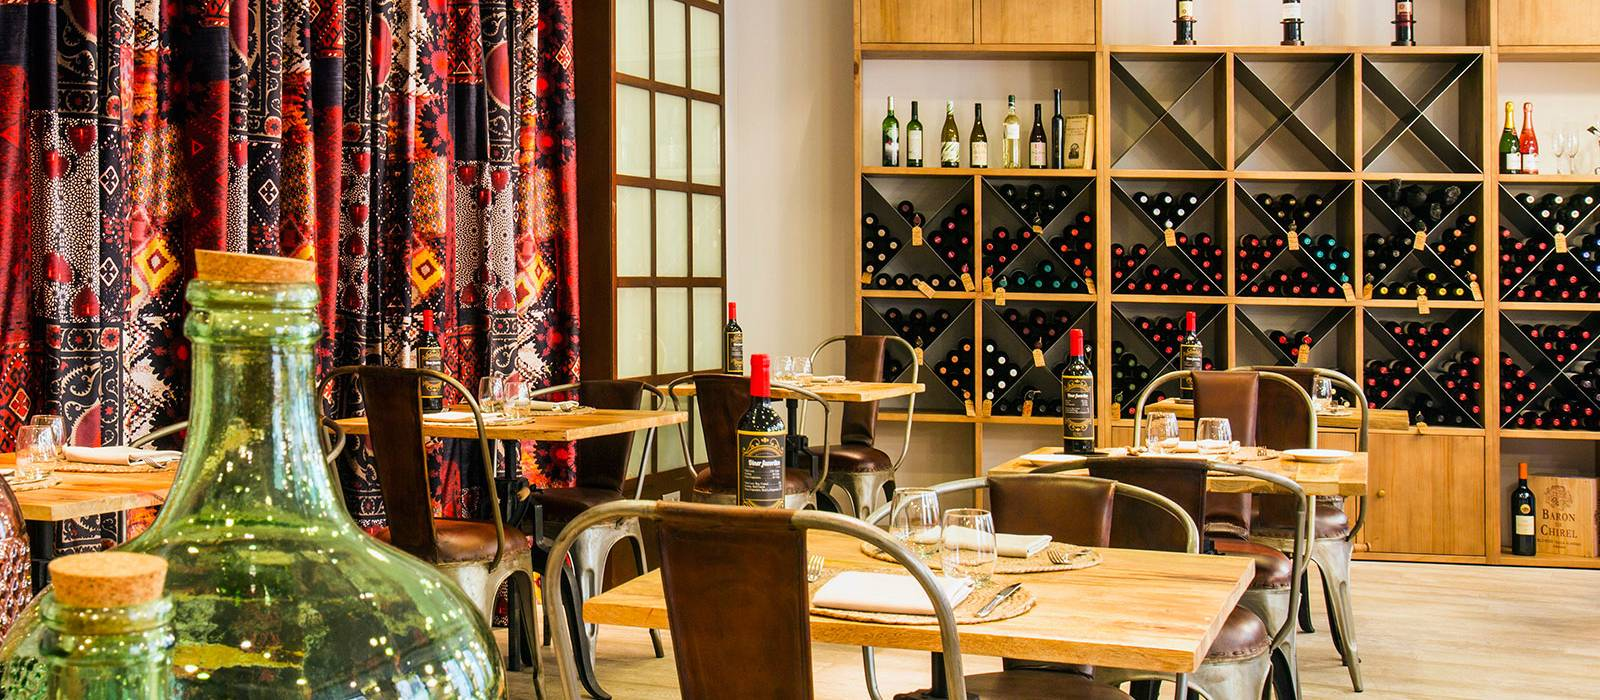 Restaurante Le Diner - Vincci Selección Posada del Patio